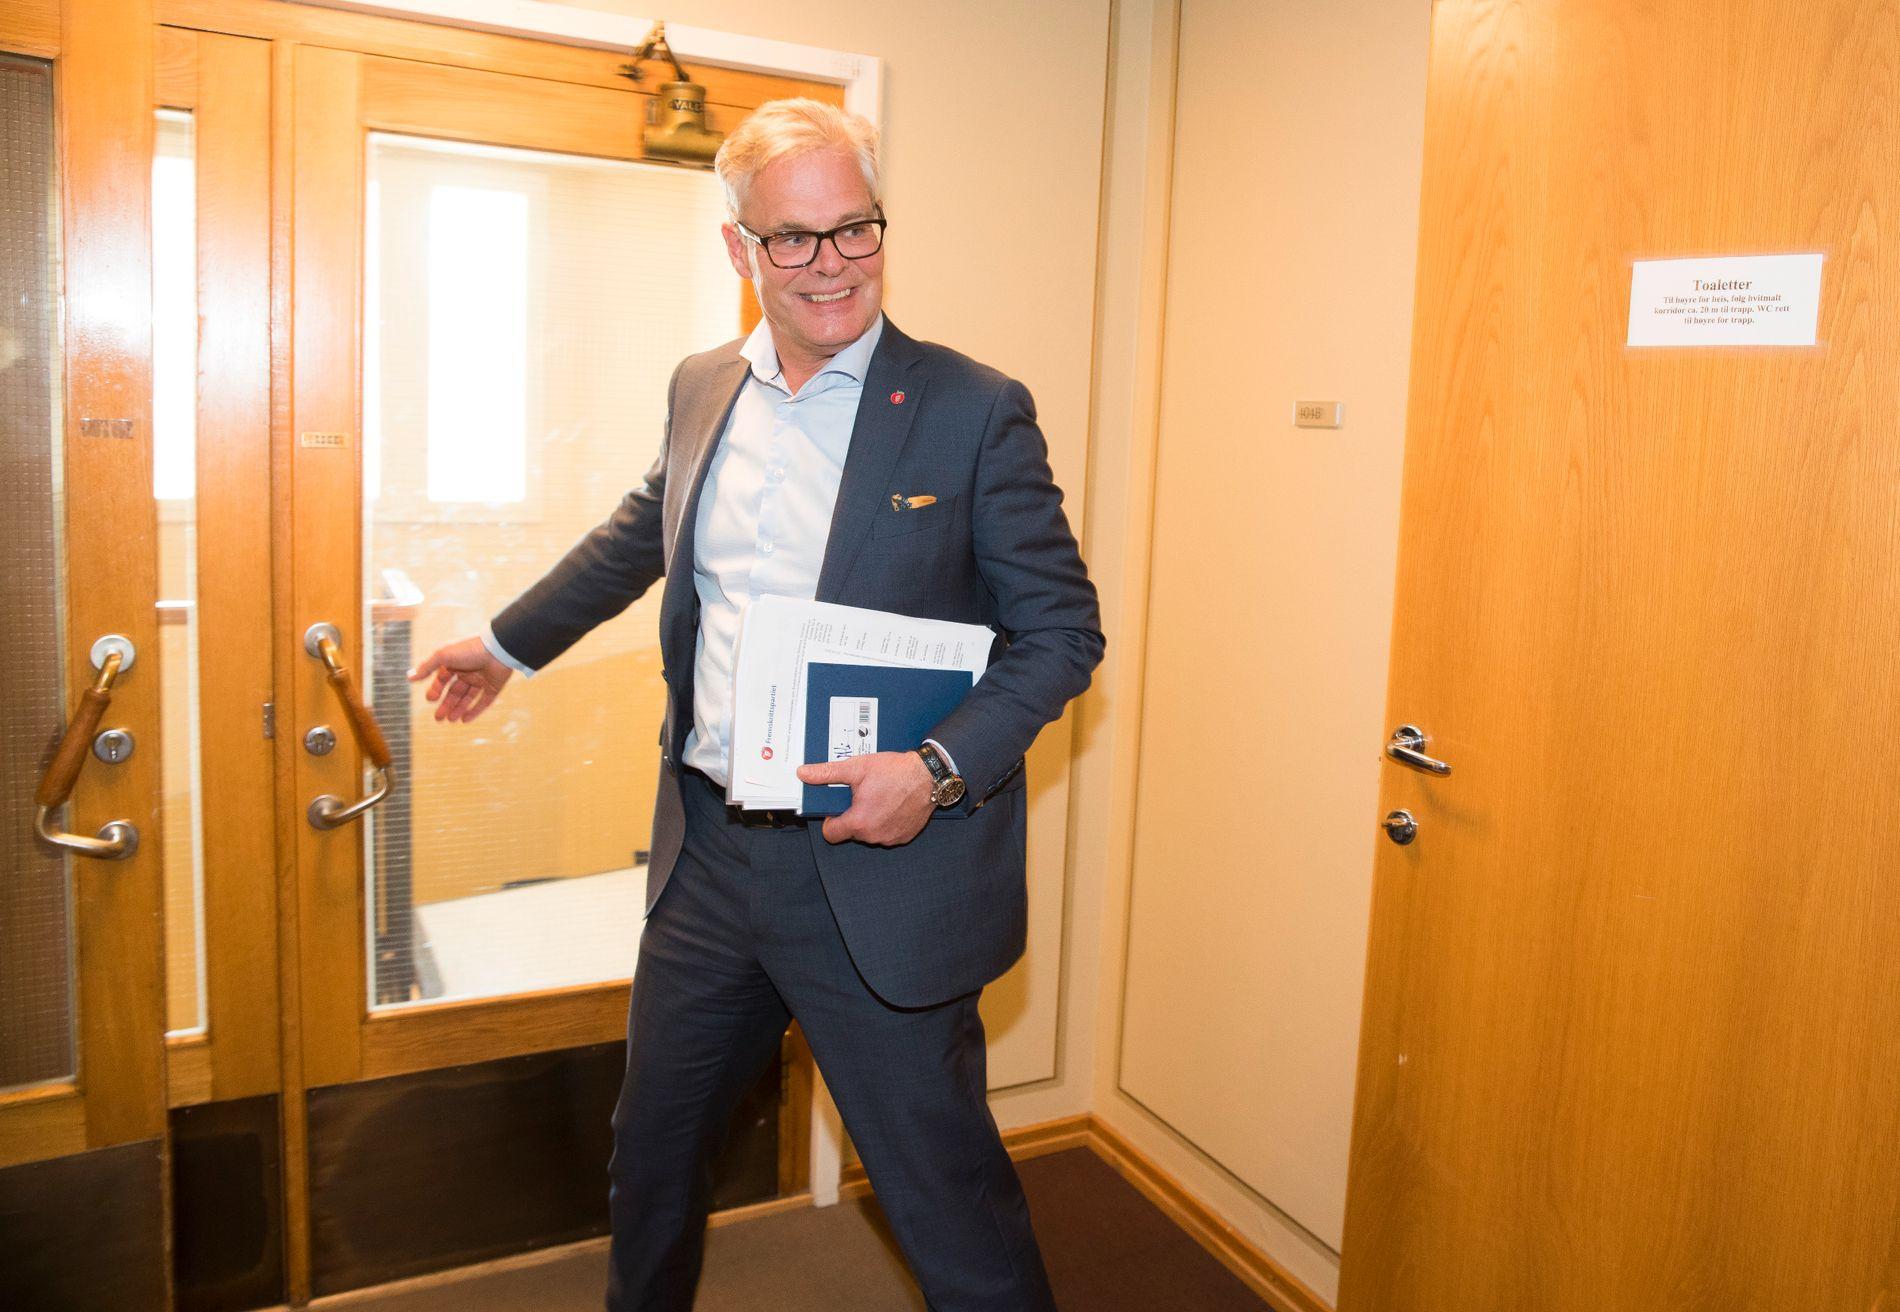 JAKTER BOMLØSNING: Parlamentarisk leder Hans Andreas Limi (Frp) gikk fra ekstraordinært bompengemøte i Frp-gruppen til ordinært stortingsmøte tirsdag ettermiddag.